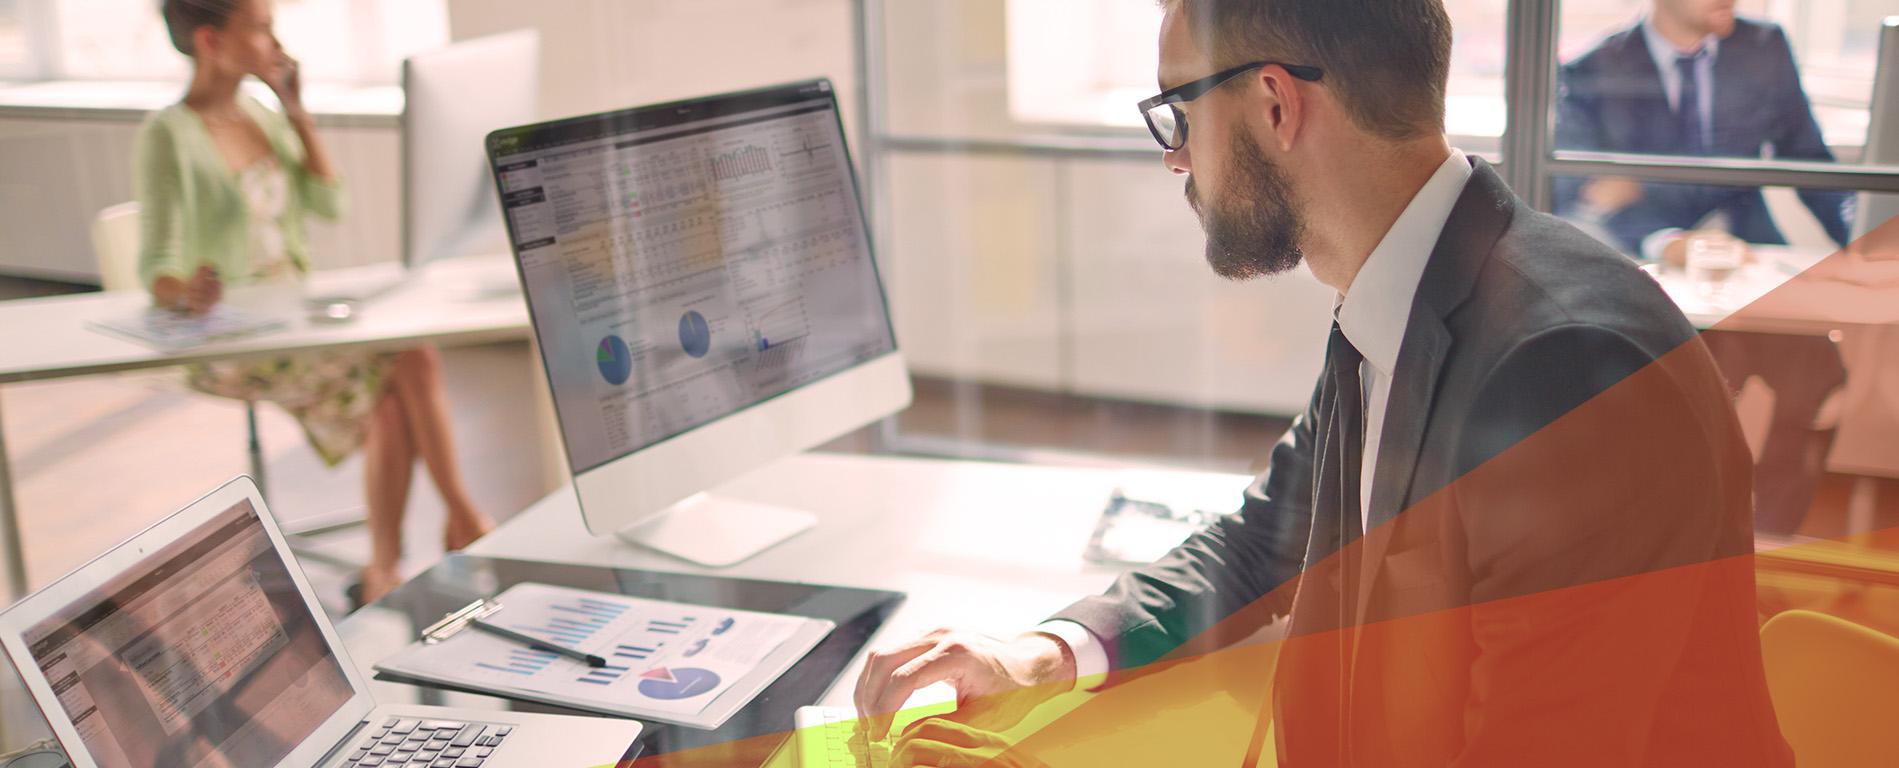 Mann som sitter ved en kontorpult og jobber med regnskap i Xledger på en PC